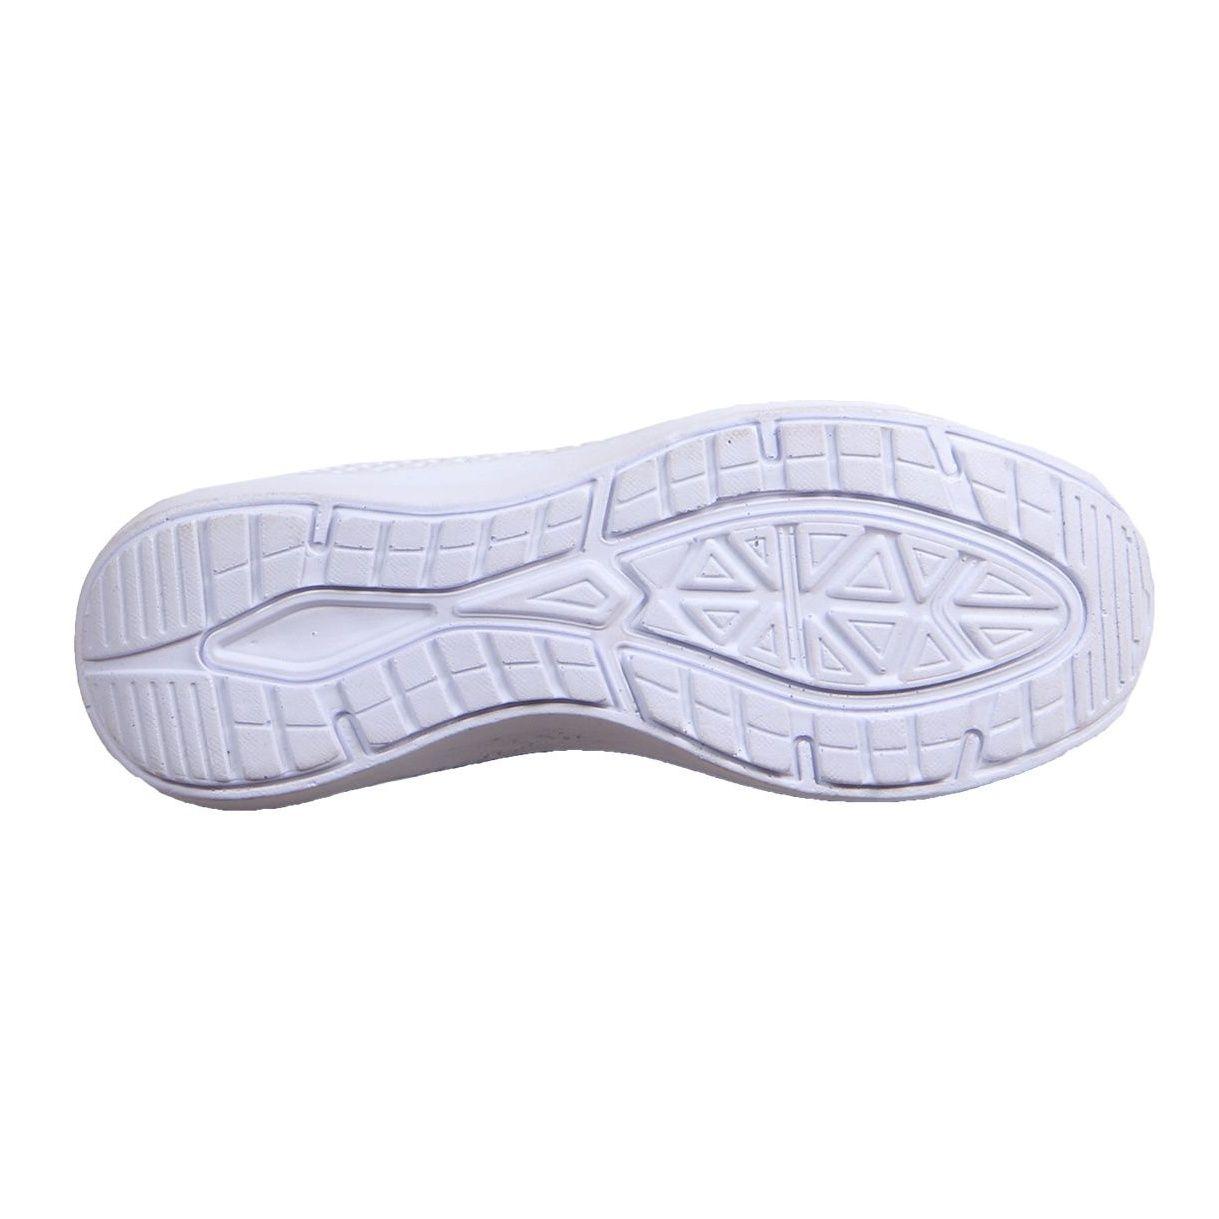 کفش مخصوص پیاده روی مردانه کد 21-SP39250 main 1 5